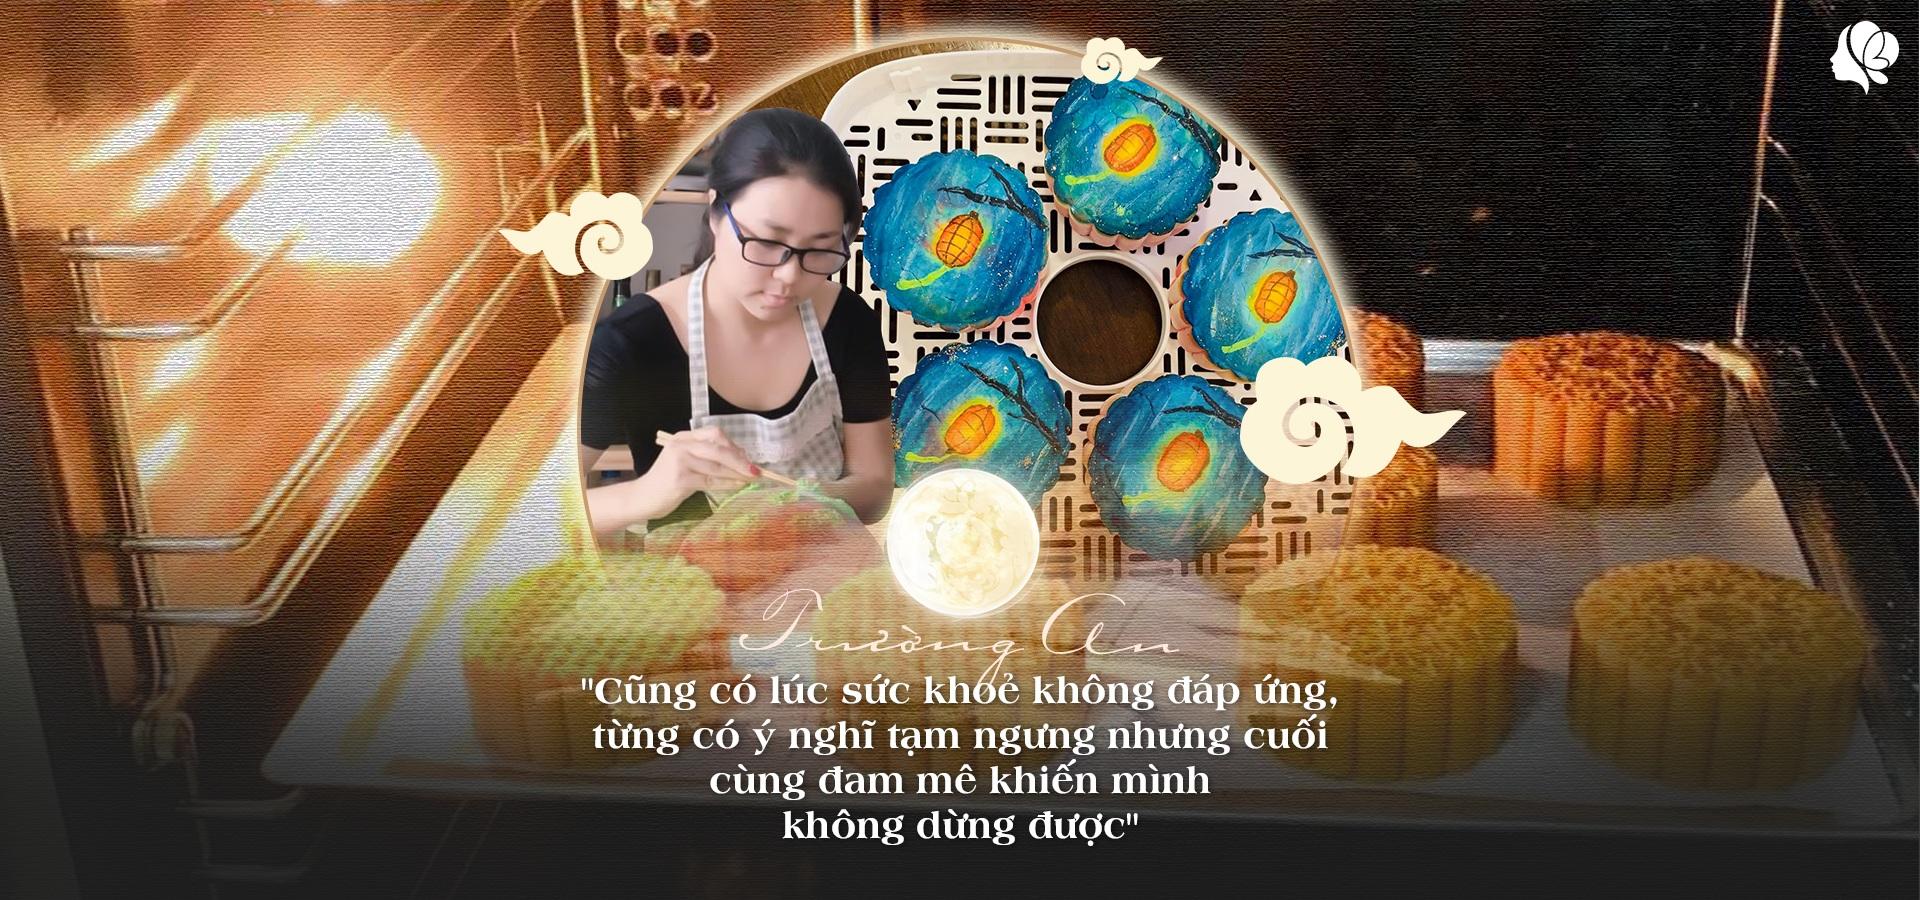 Bỏ việc ở nhà làm bánh, tạo ra bánh Trung thu vẽ tay, 8X Sài Gòn kiếm 60 triệu/tháng - 6